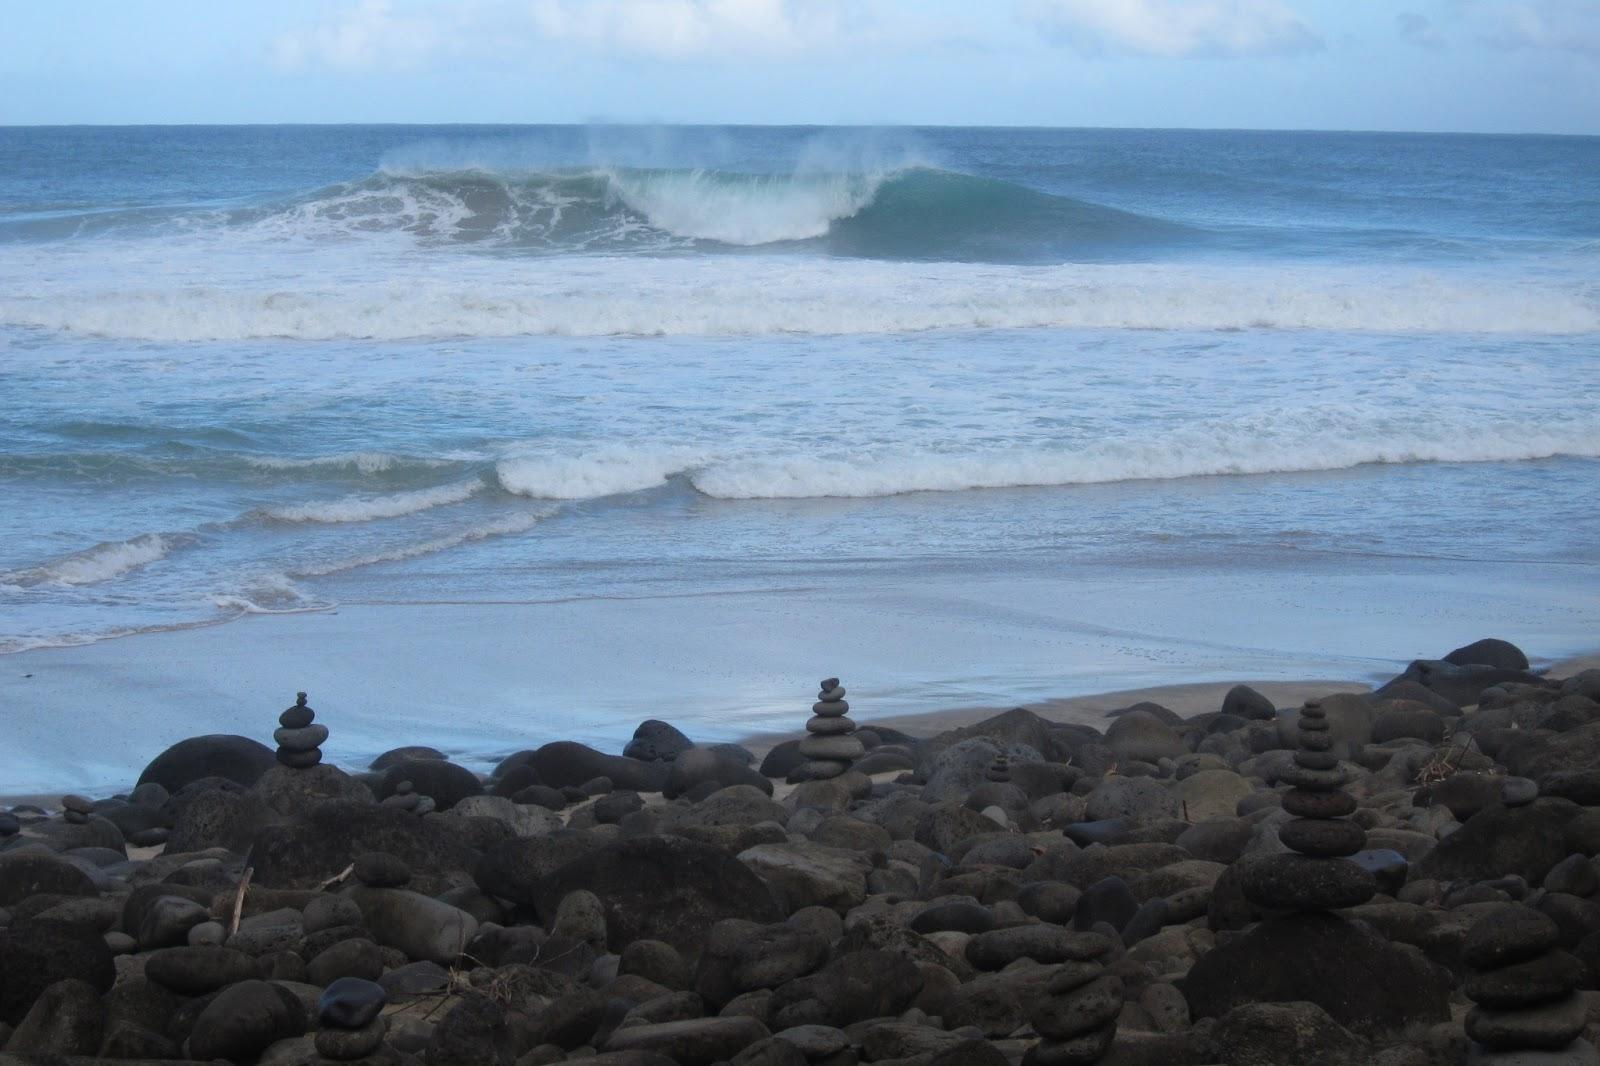 Посмотрели пляж фото 7 фотография